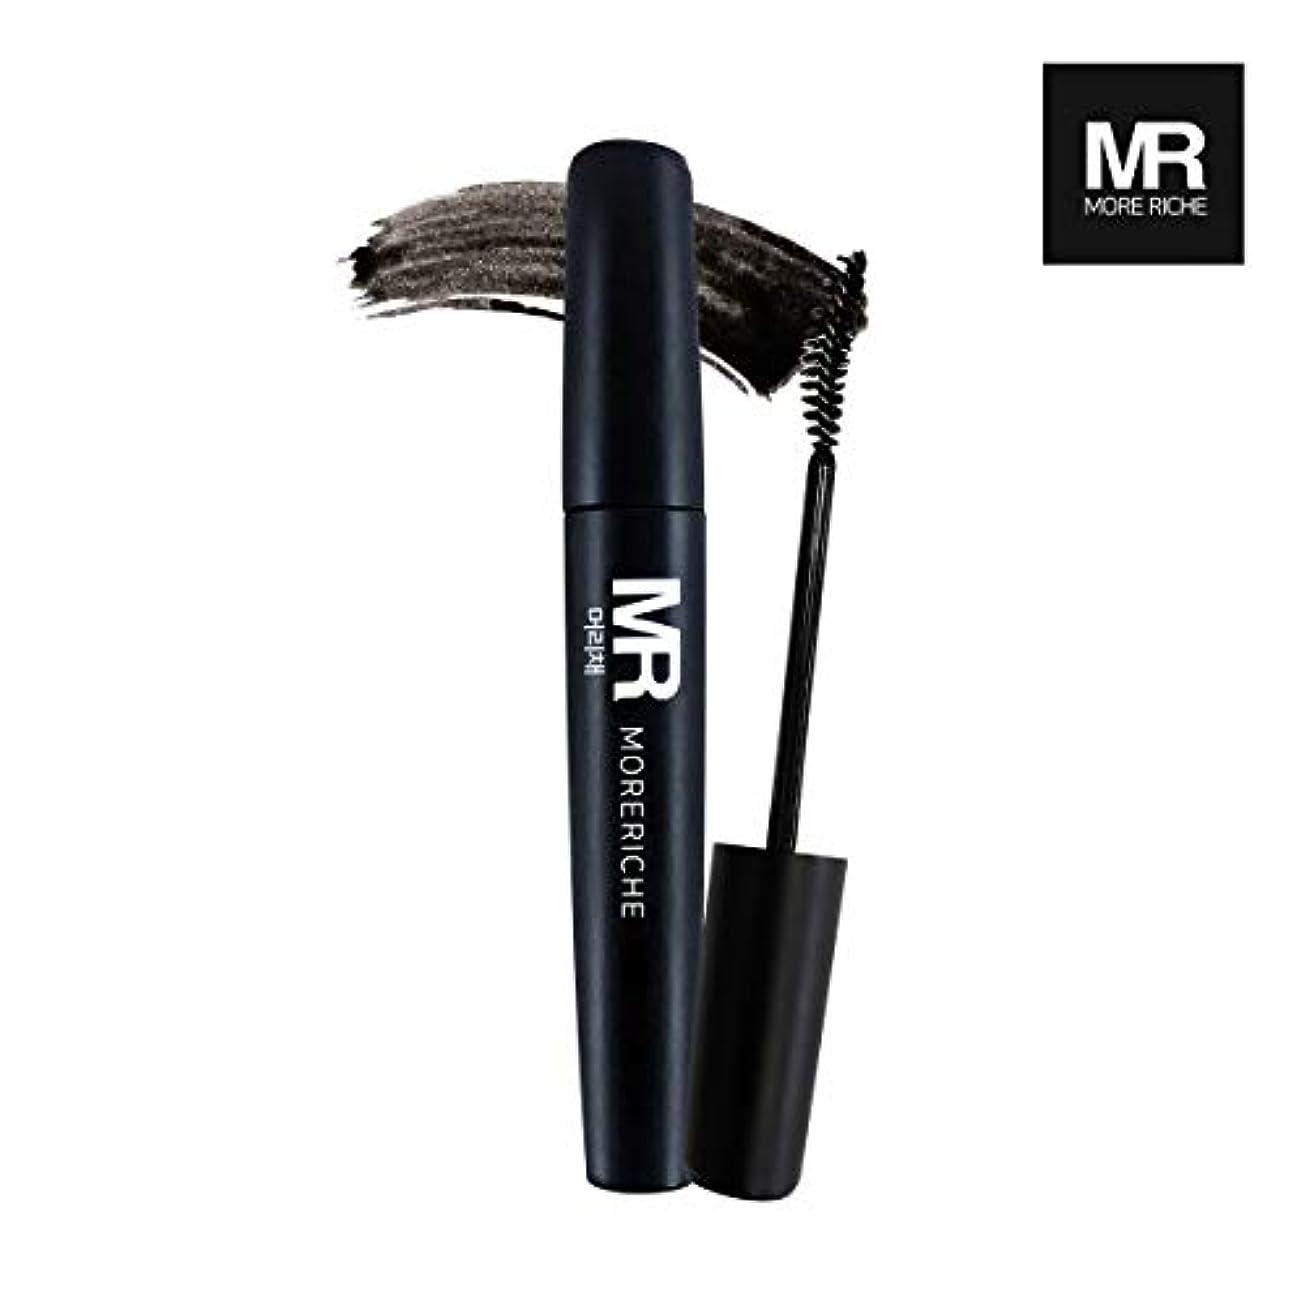 アボート大陸不良品[1+1] MoreRiche ヘアマスカラカラーグレーイングヘアカバースティック Temporary Hair Mascara Color Graying hair Cover Stick, Black Color 0.44...